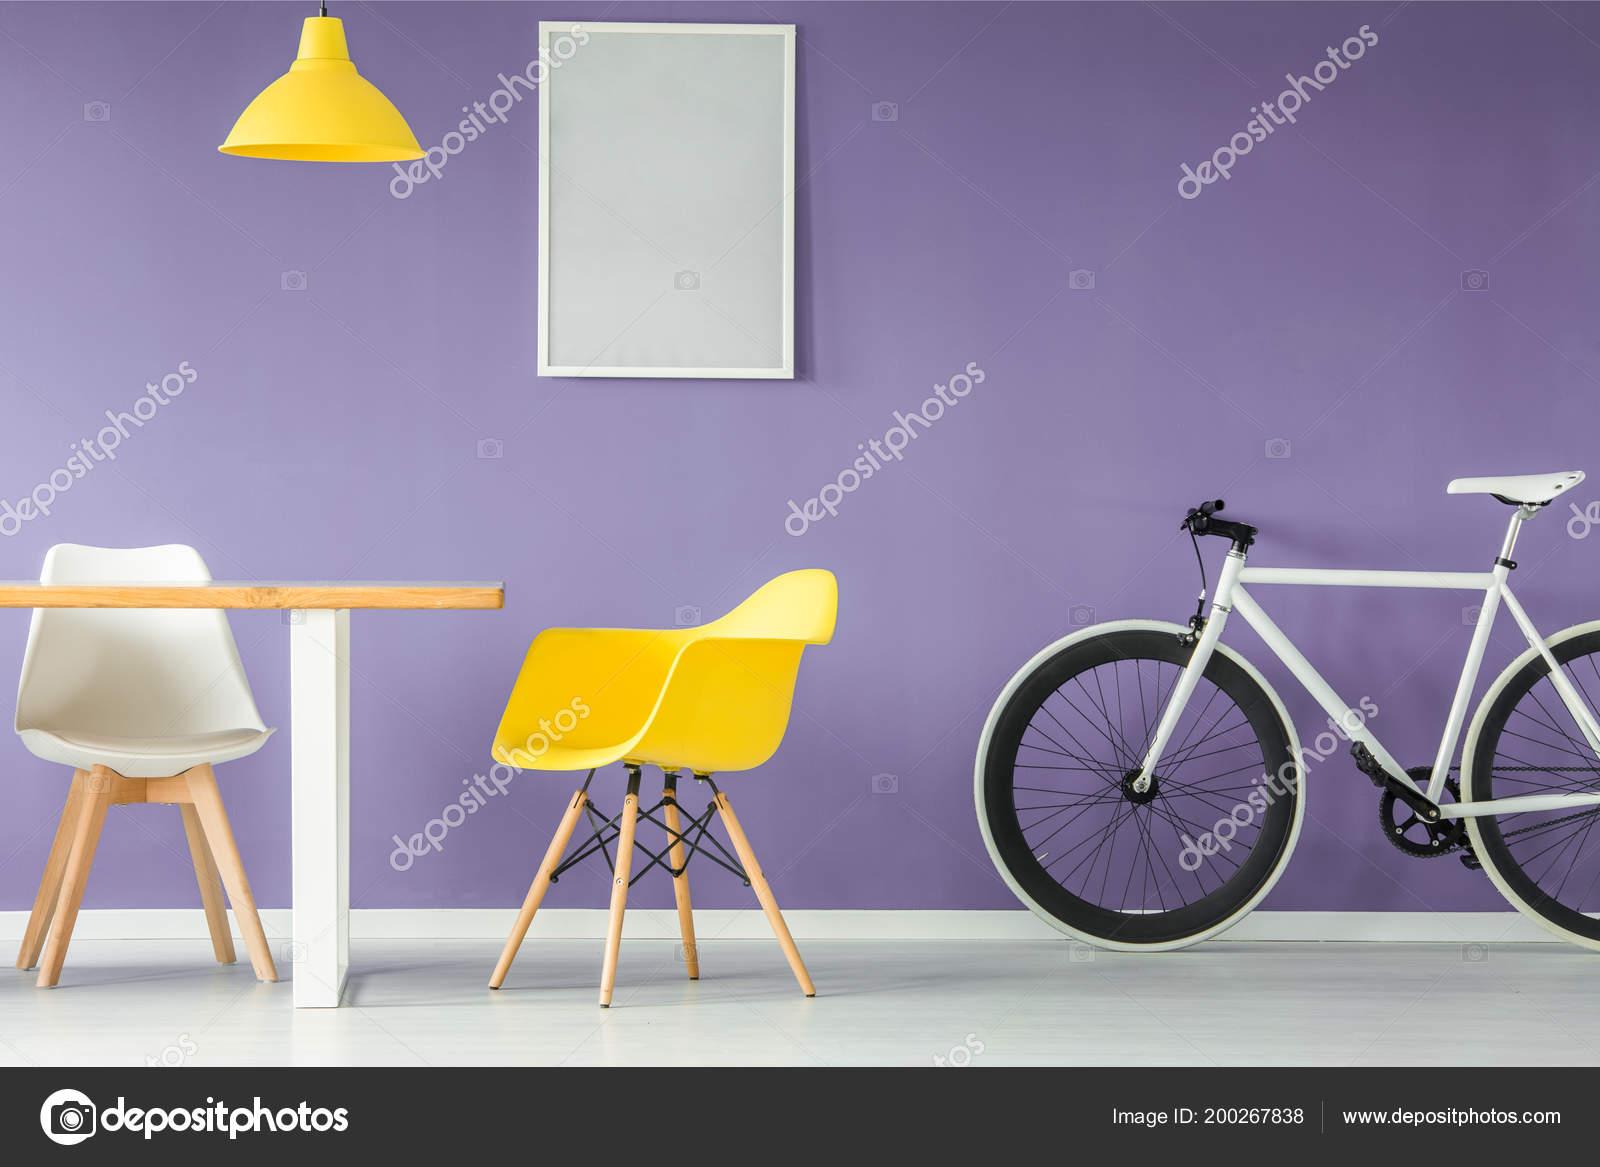 Minimale modern interieur met een witte gele stoel een fiets